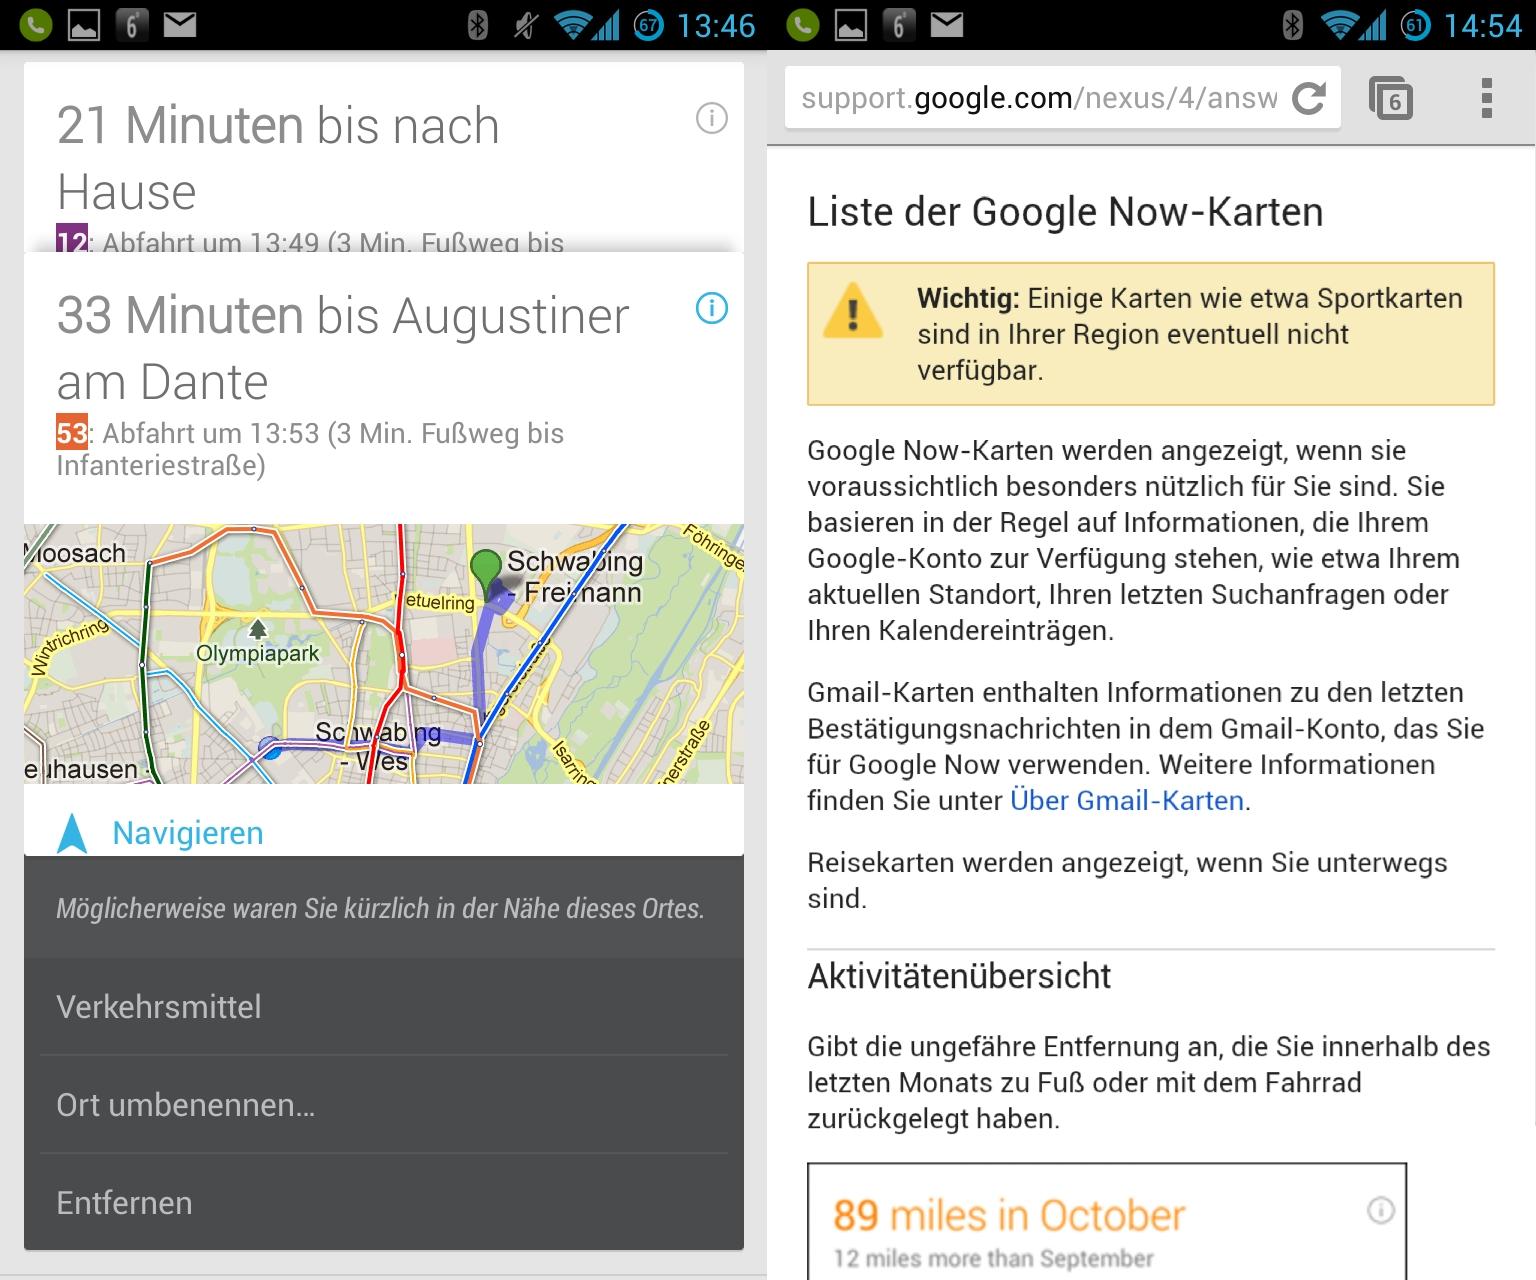 Google Now kennt natürlich alle Orte, die man kürzlich besucht hat und blendet entsprechende Karten ein. Die deutsche Variante bietet allerdings noch nicht den vollen Funktionsumfang. Obwohl Google Now mit Sportteams wie Bayern oder Barcelona gefüttert werden kann, zeigt es entsprechende Karten nicht an.